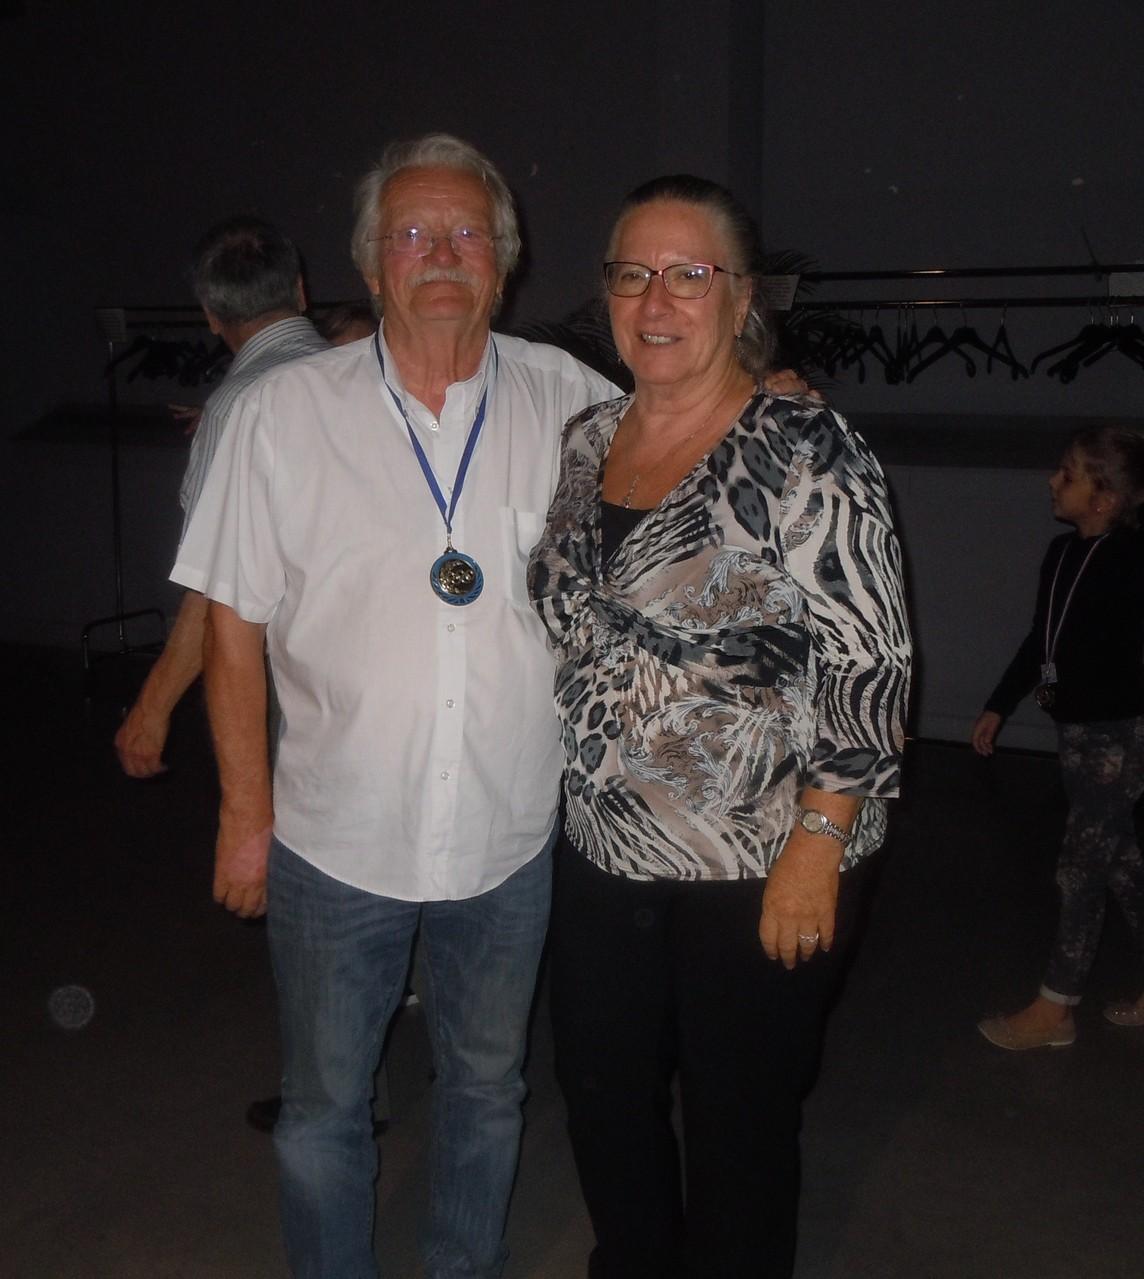 Félicitations de la présidente du CDOTS 07-26 Yolande SAINT-CLAIR à Gérard Morel